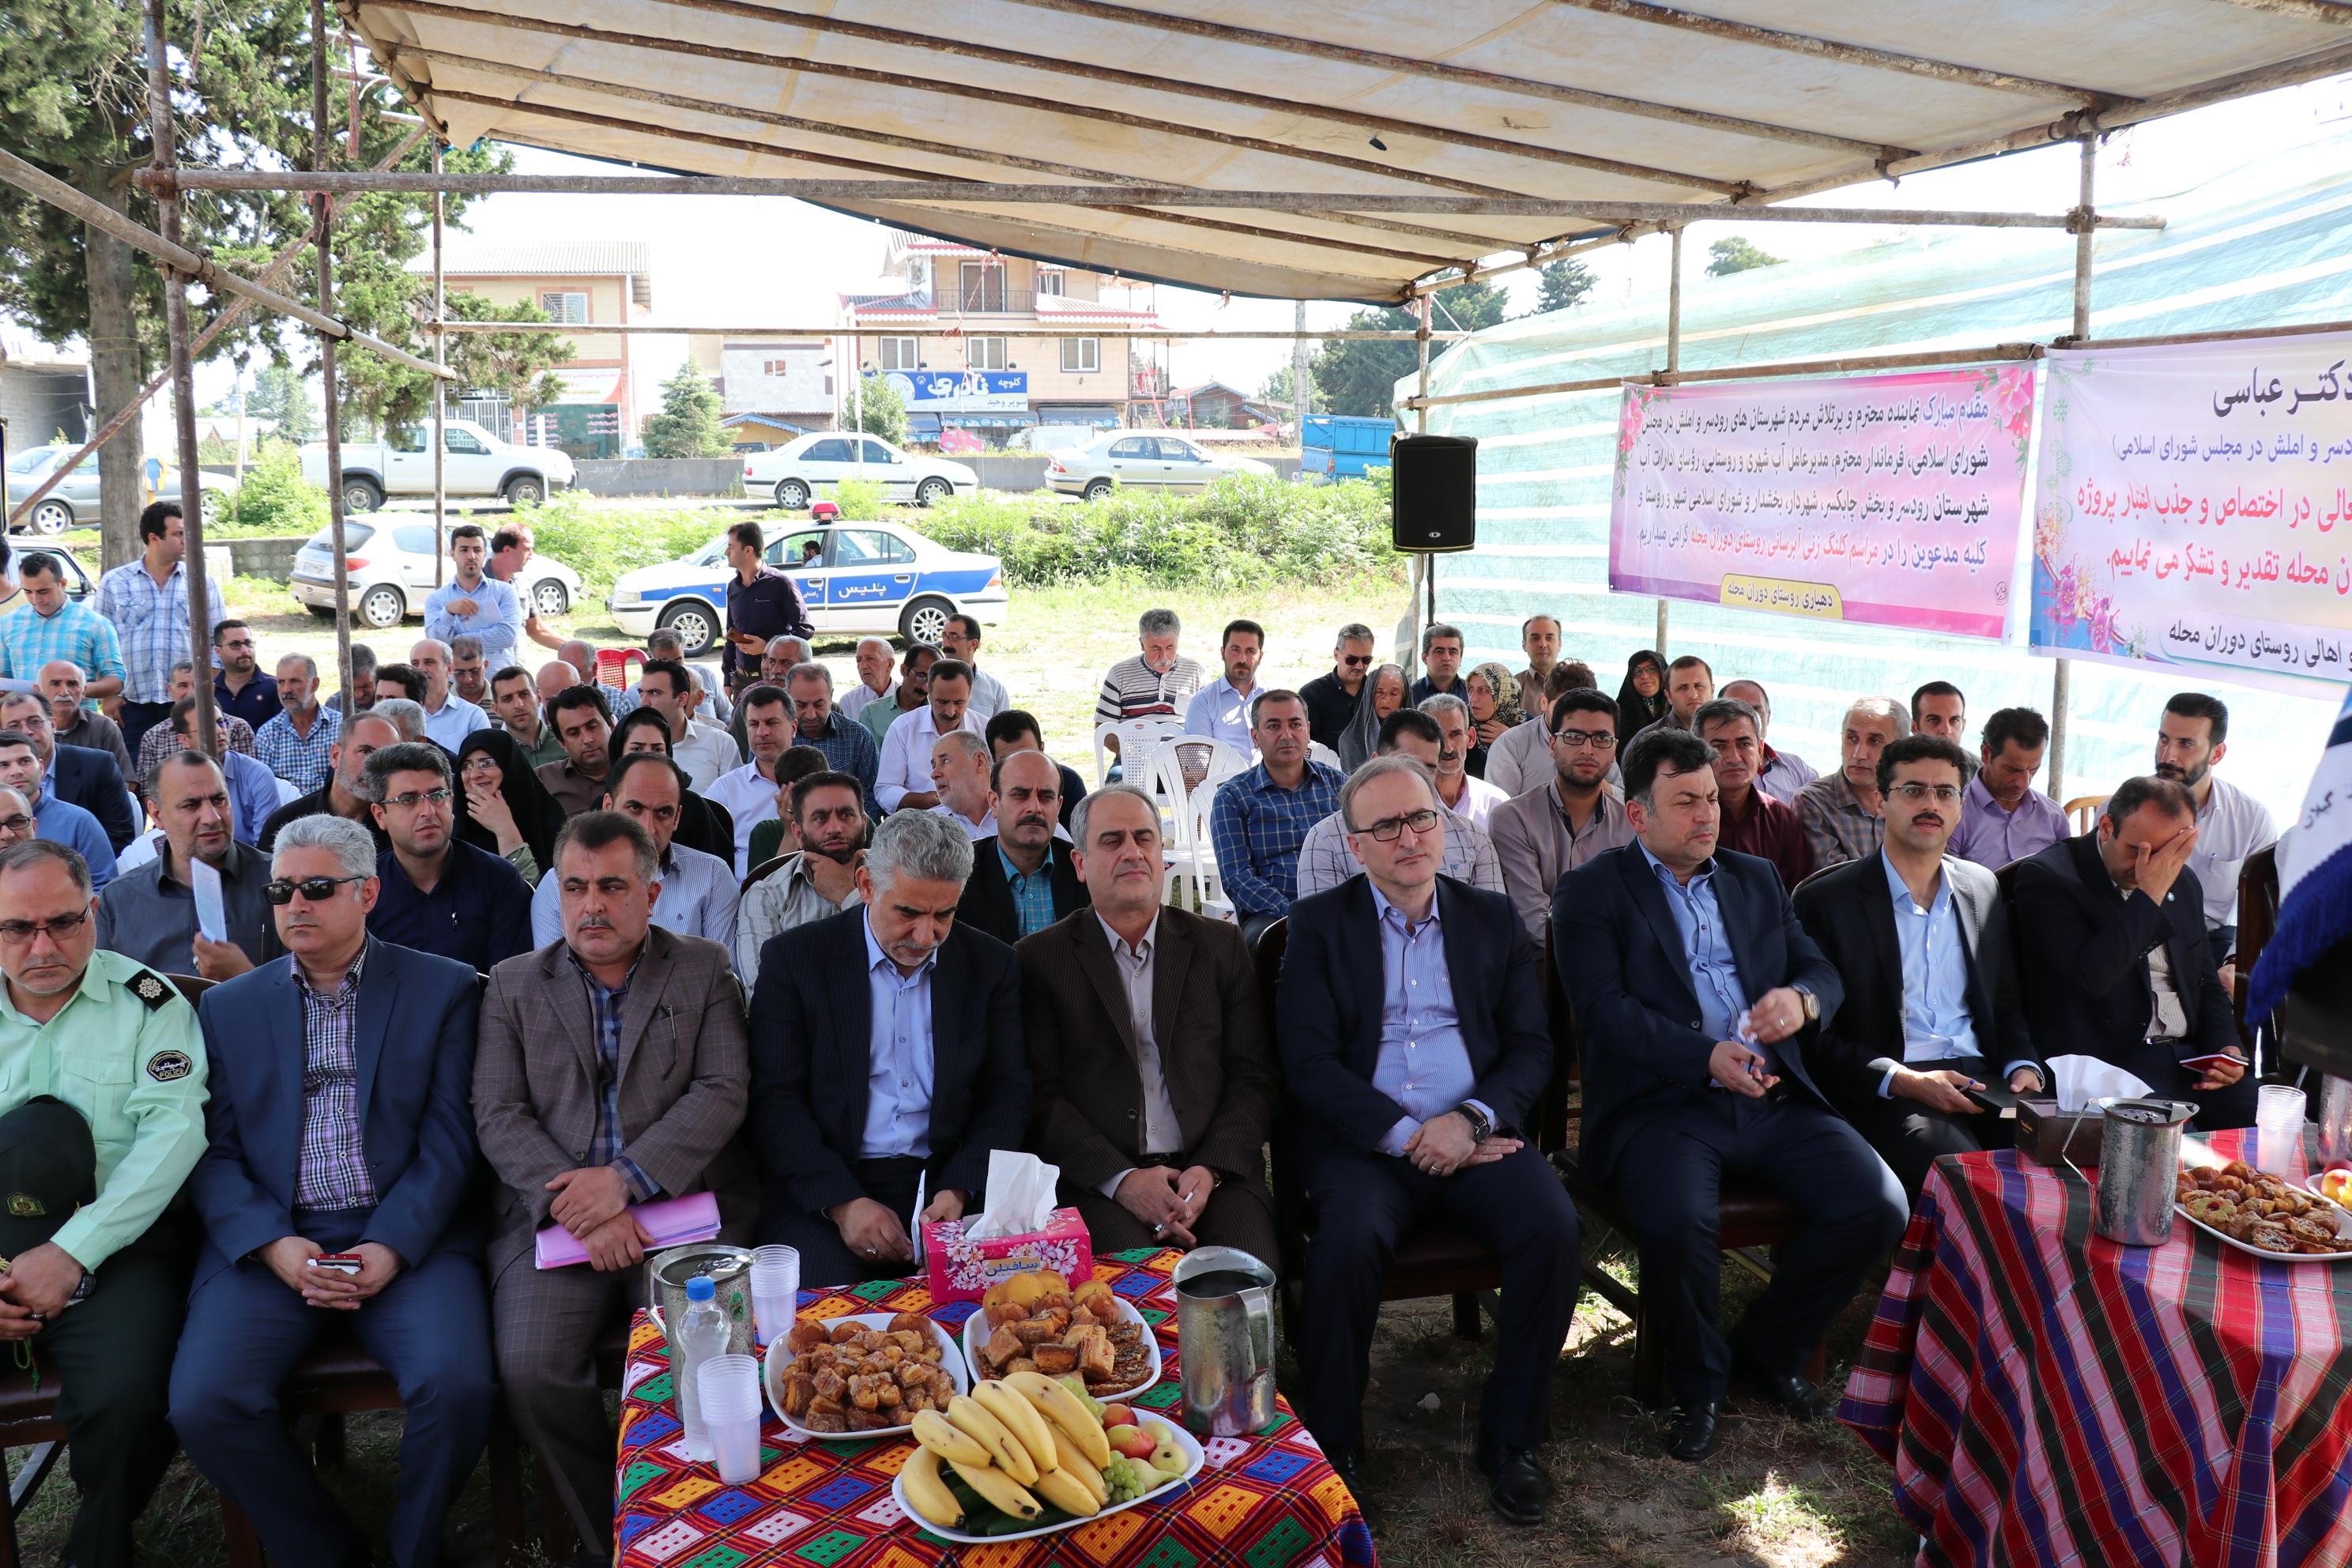 آئین کلنگ زنی پروژه تکمیل خطوط آبرسانی شهرچابکسر و توسعه شبکه آب دوران محله